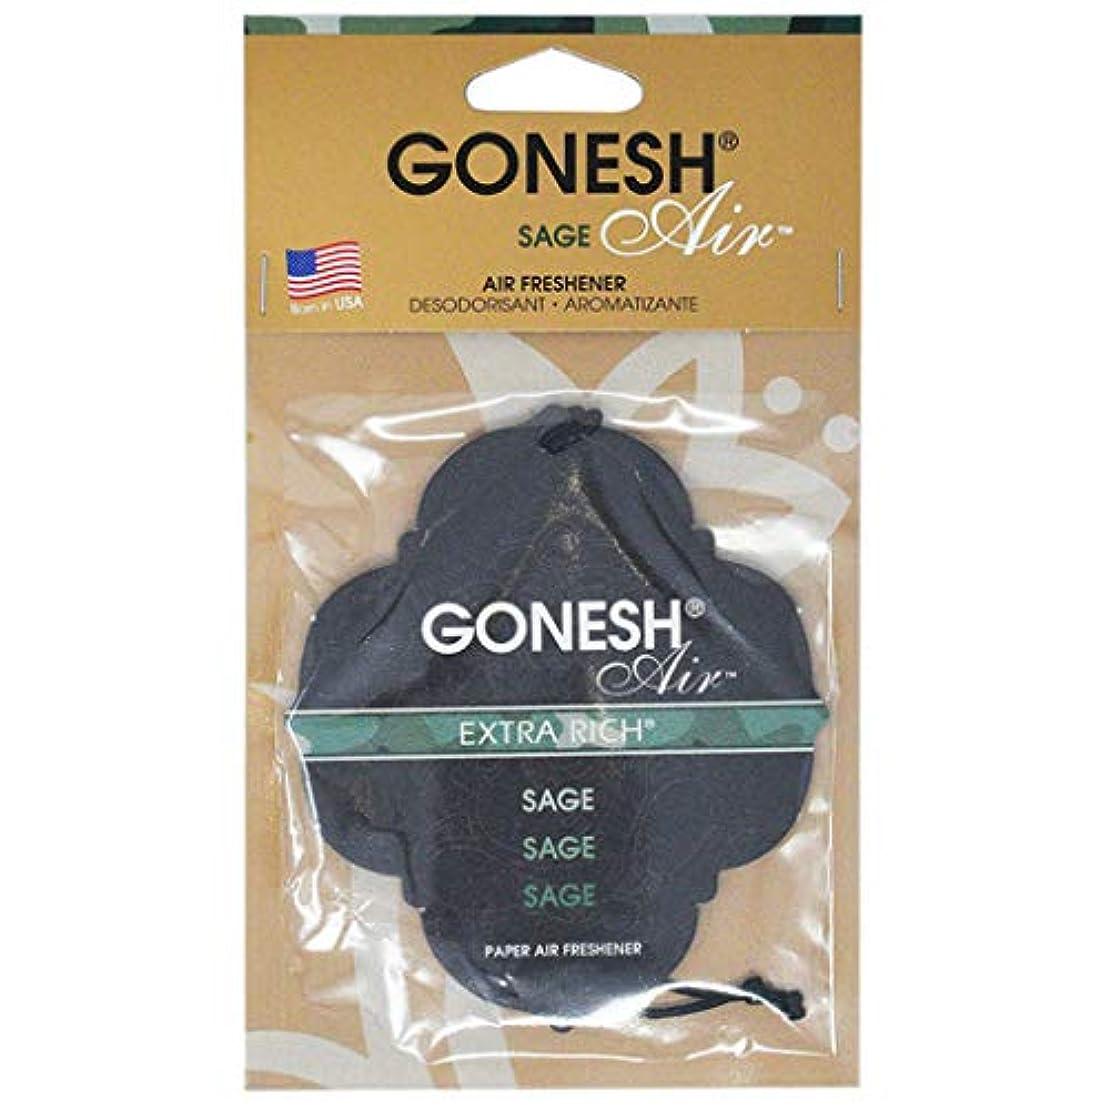 第略す獲物GONESH(ガーネッシュ) GONESHペ-パ-エアフレッシュナ- SAGE 96mm×3mm×170mm